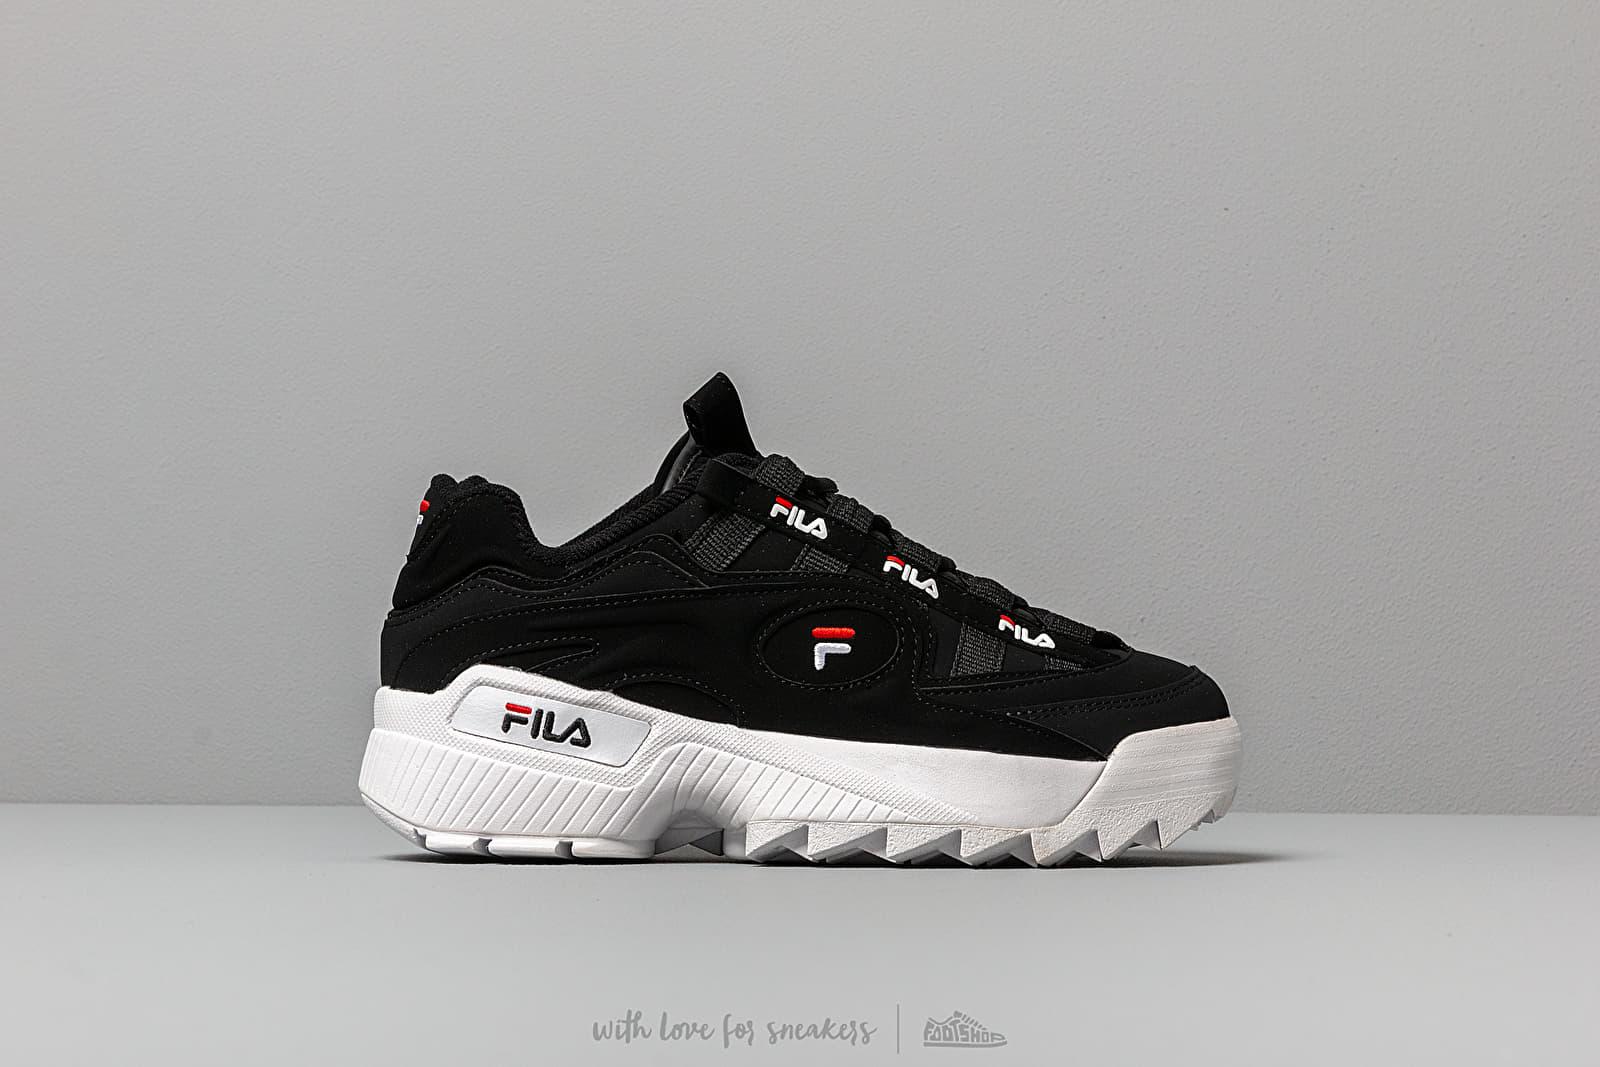 e4ea9da8ef7 FILA D-Formation W Black  White  Red at a great price £99